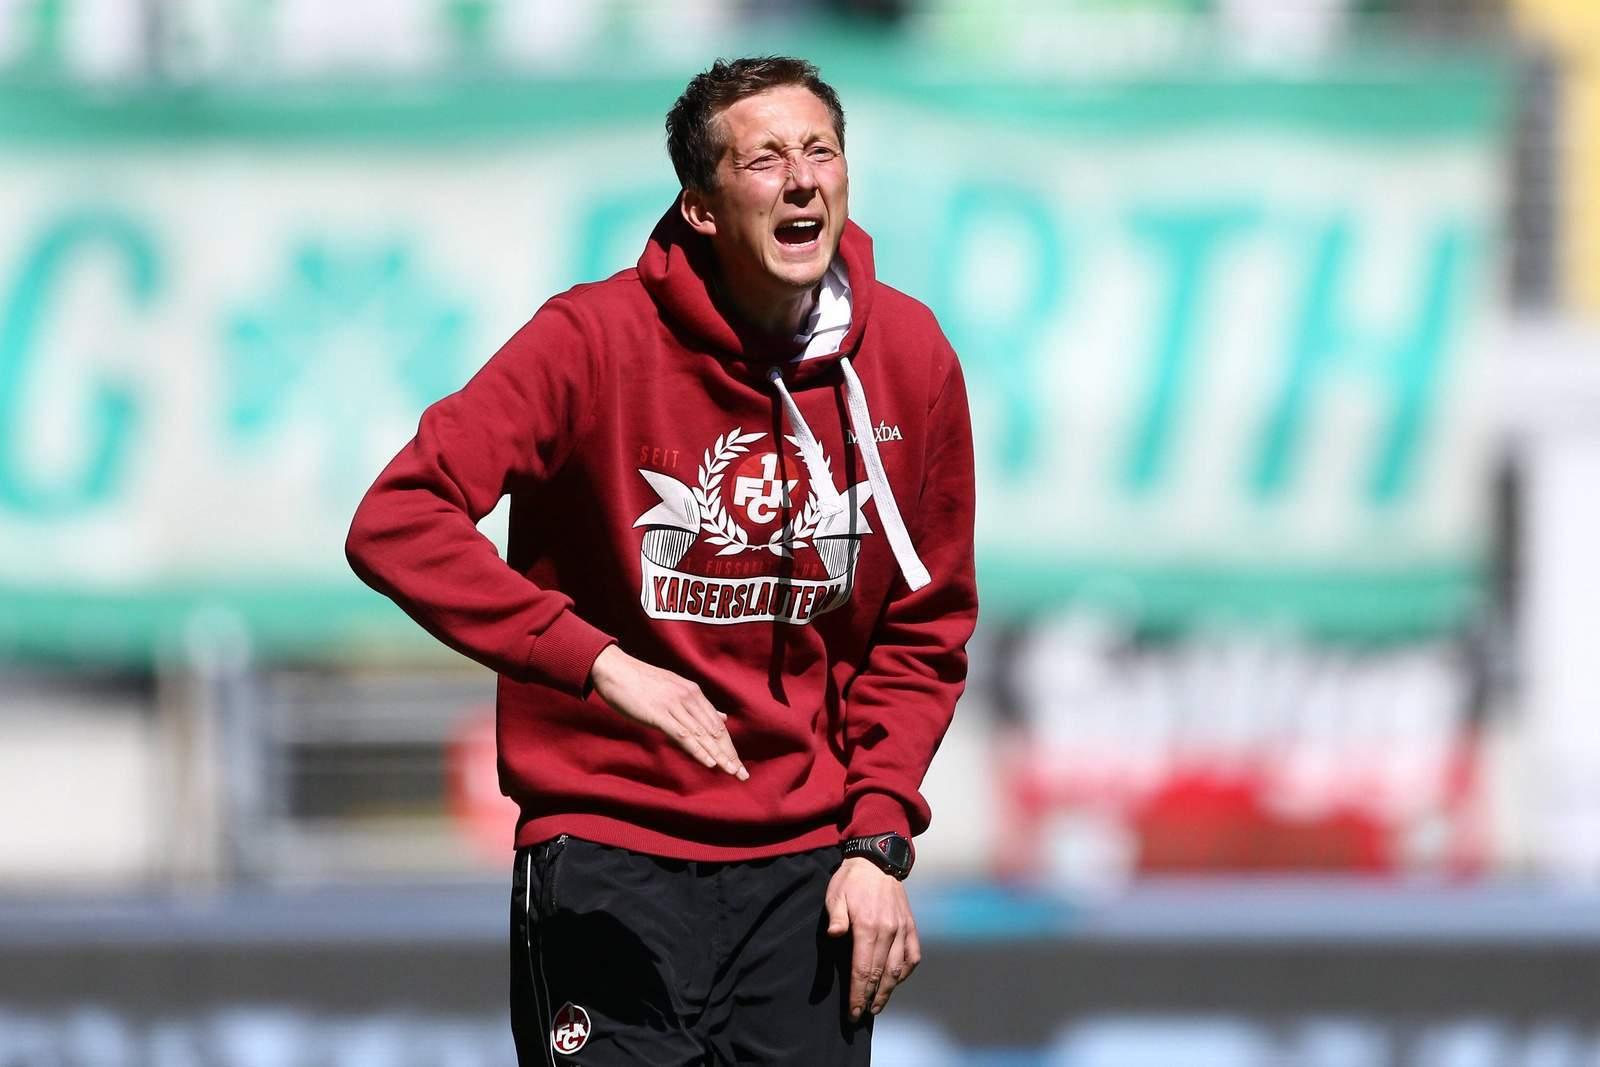 Konrad Fünfstück Trainer von Kaiserslautern